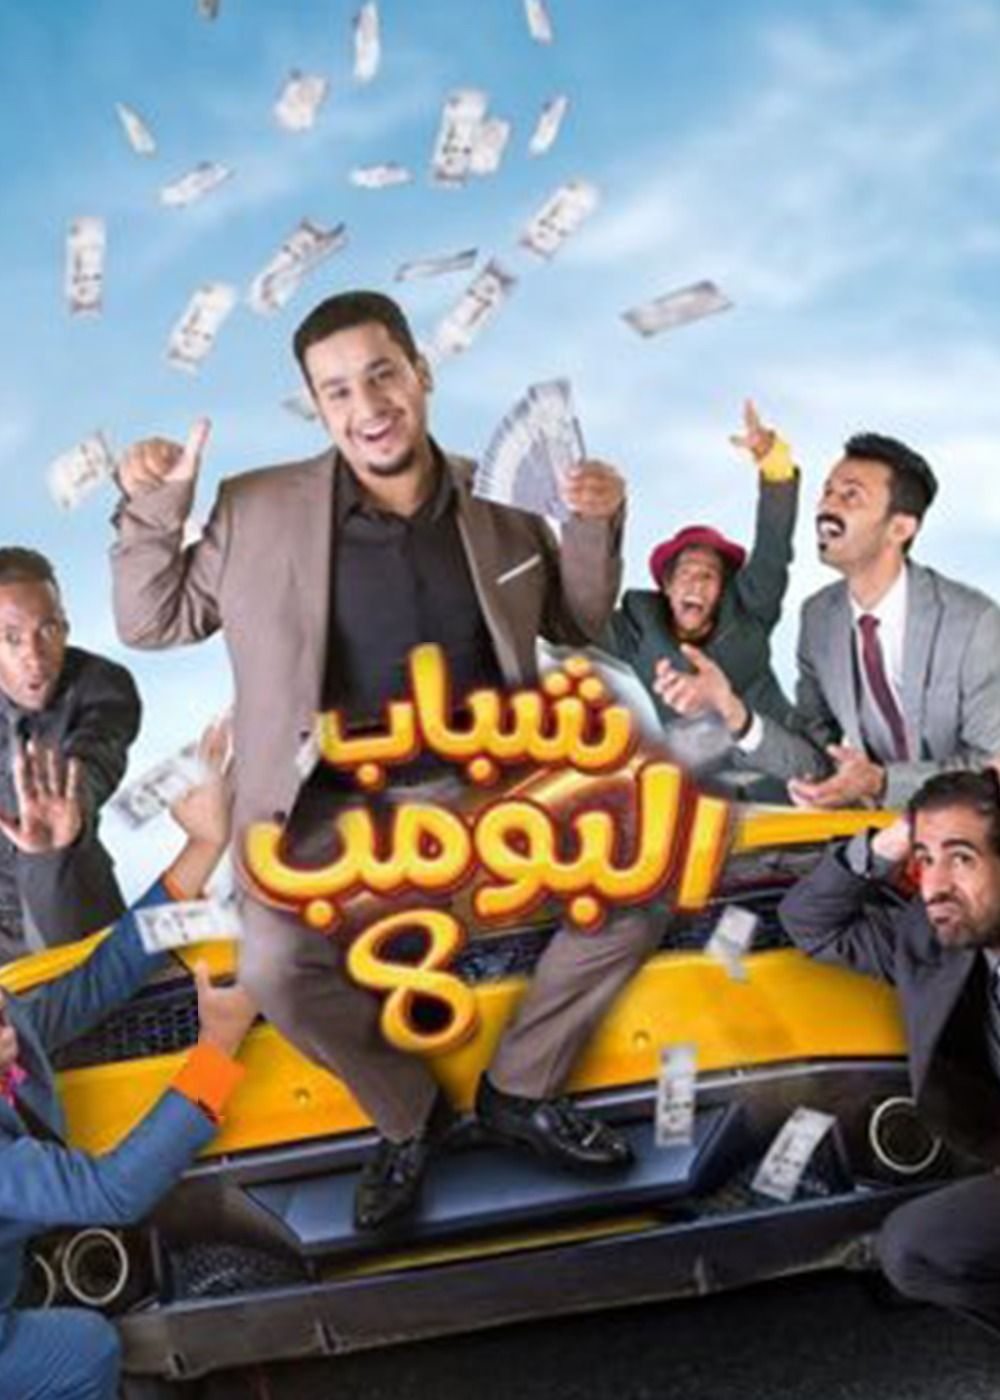 احداث وتفاصيل الحلقة 16 من مسلسل شباب البومب 8 رمضان 2019